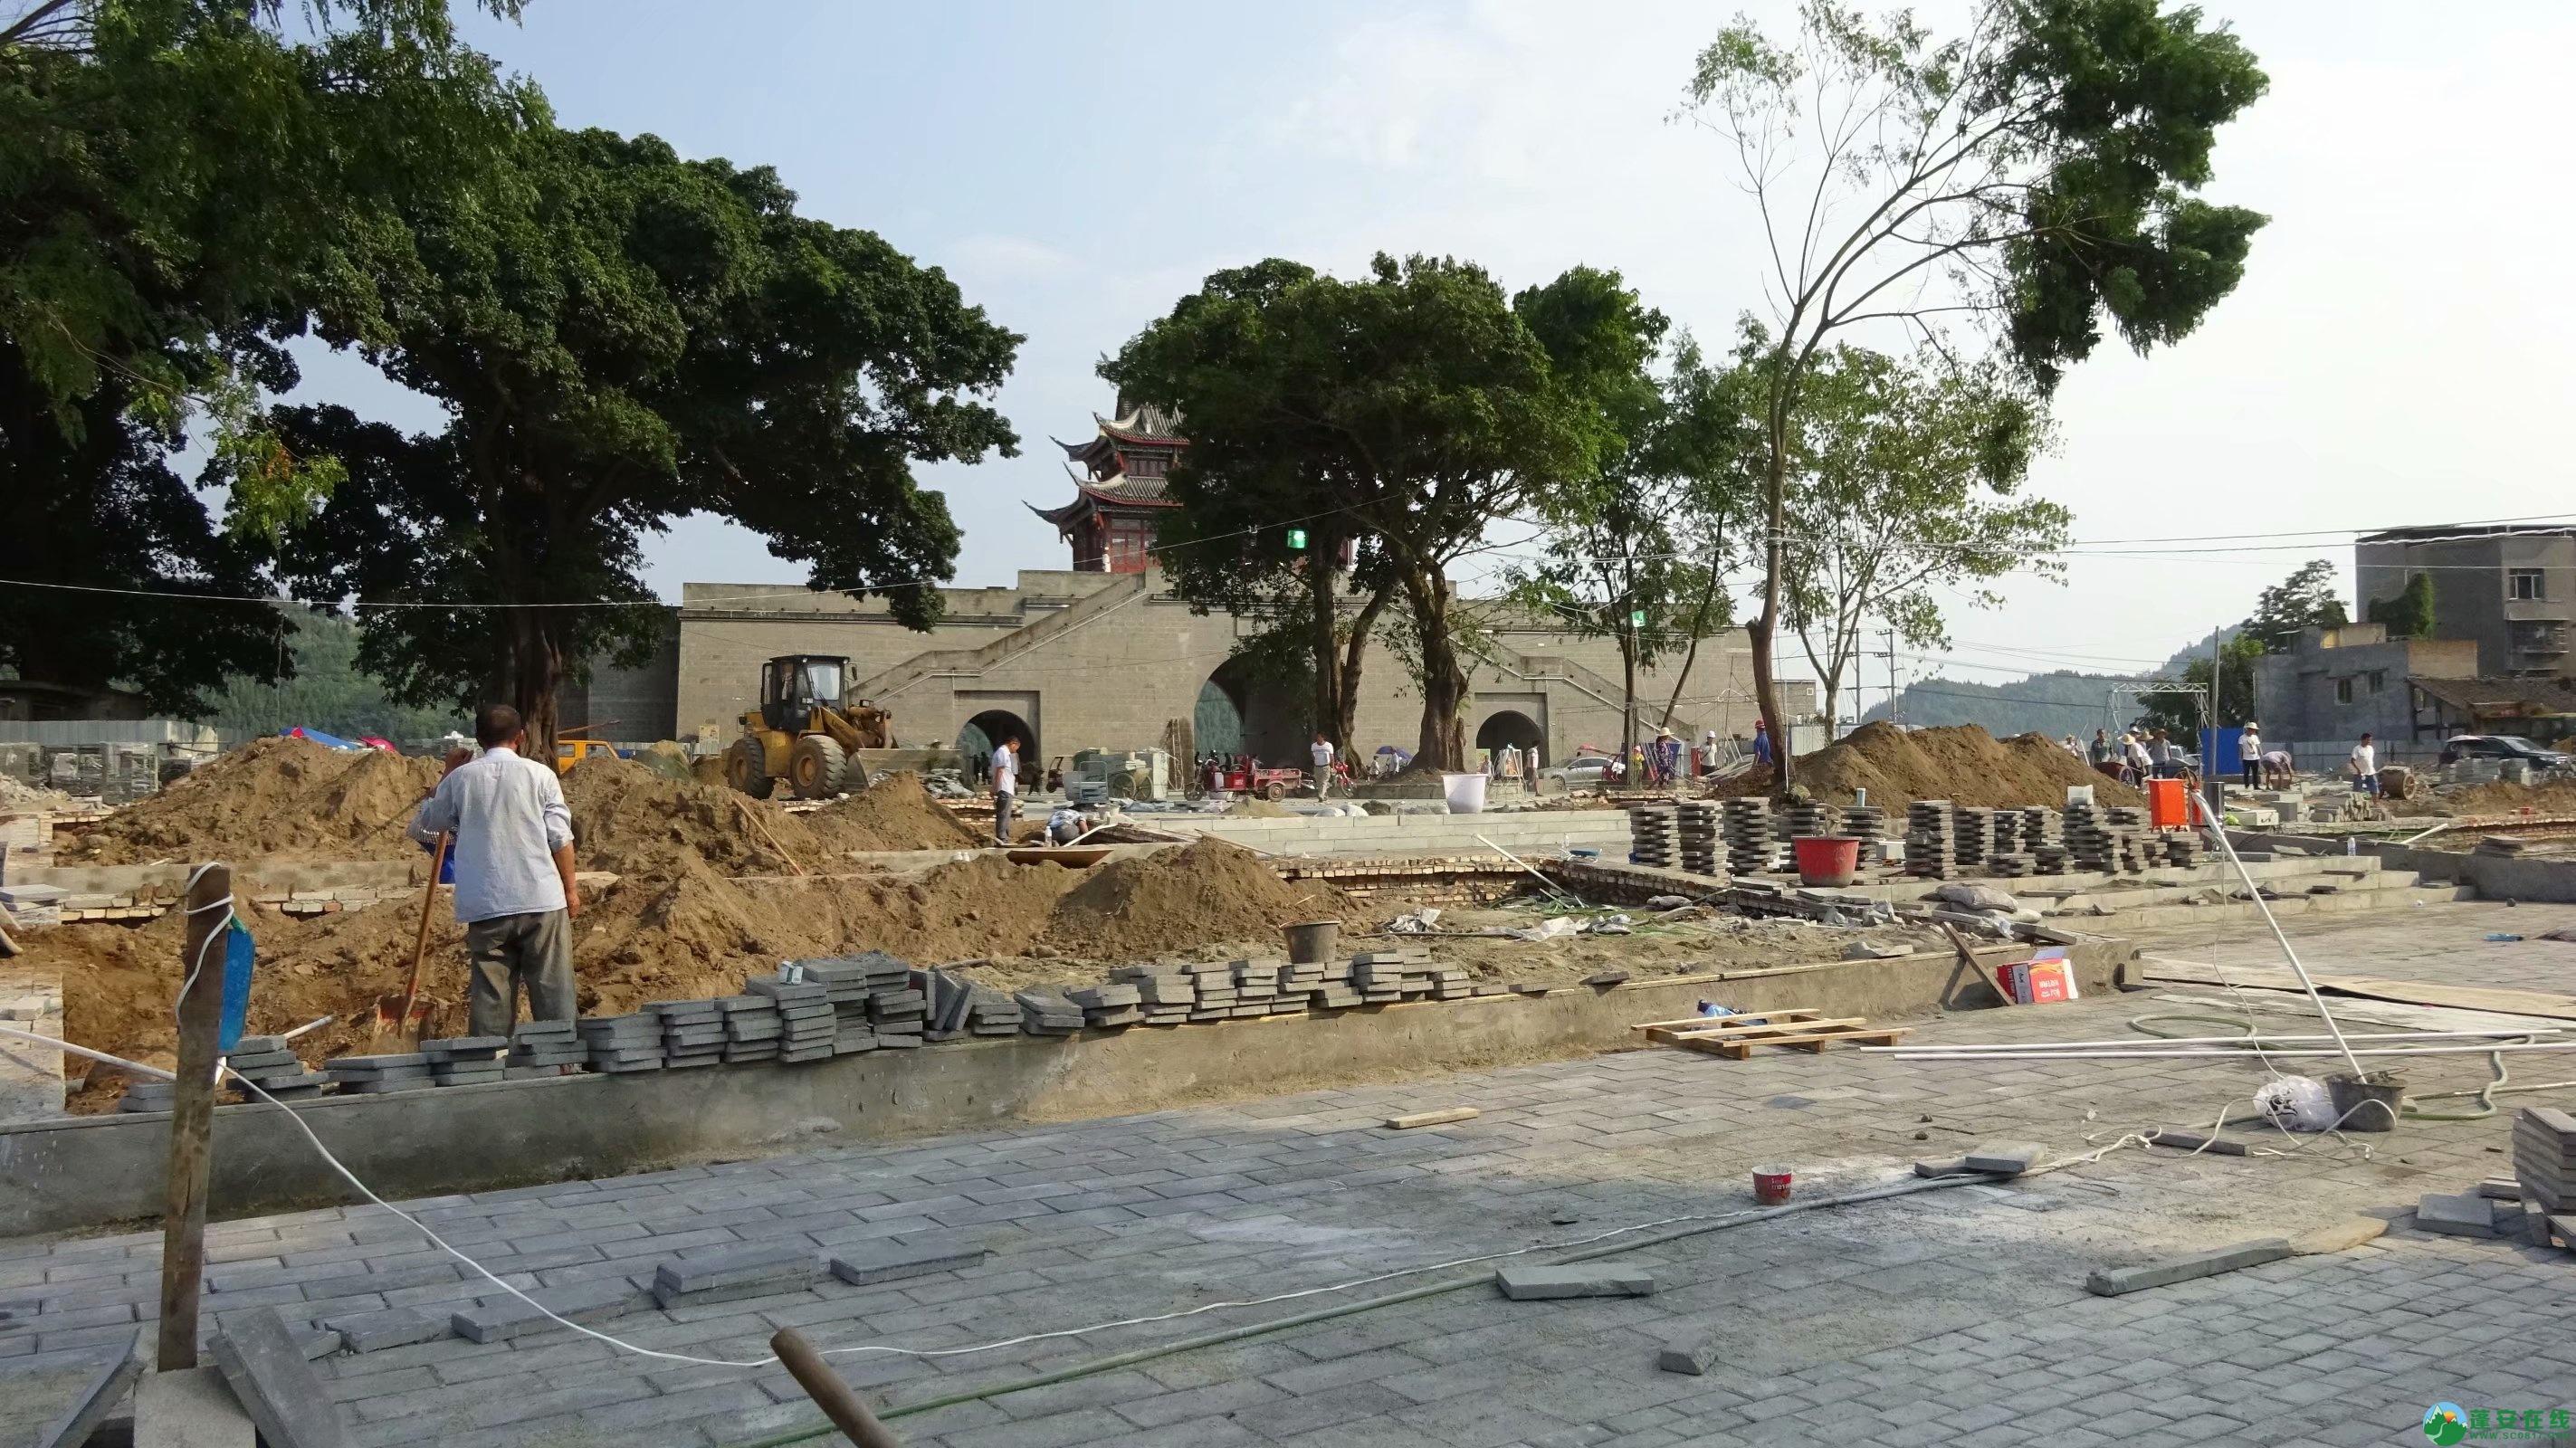 蓬安锦屏相如故城建设迅猛 - 第51张  | 蓬安在线